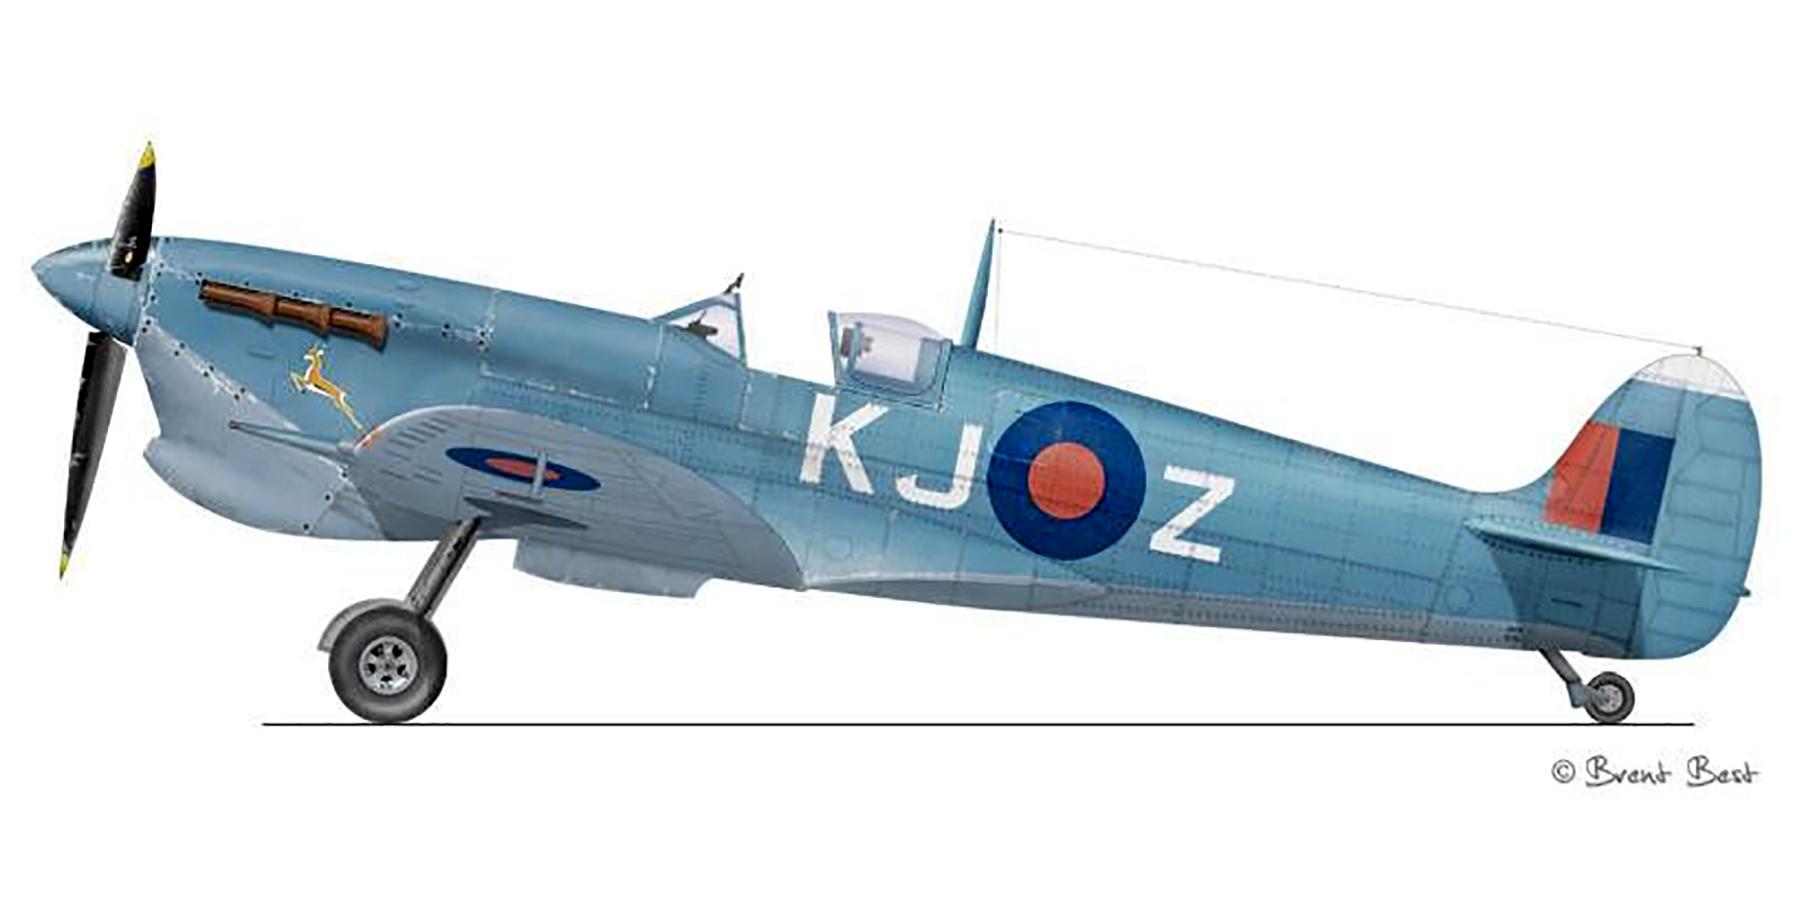 Spitfire MkVcTrop SAAF 4Sqn KJZ Sicily Italy 1943 0B